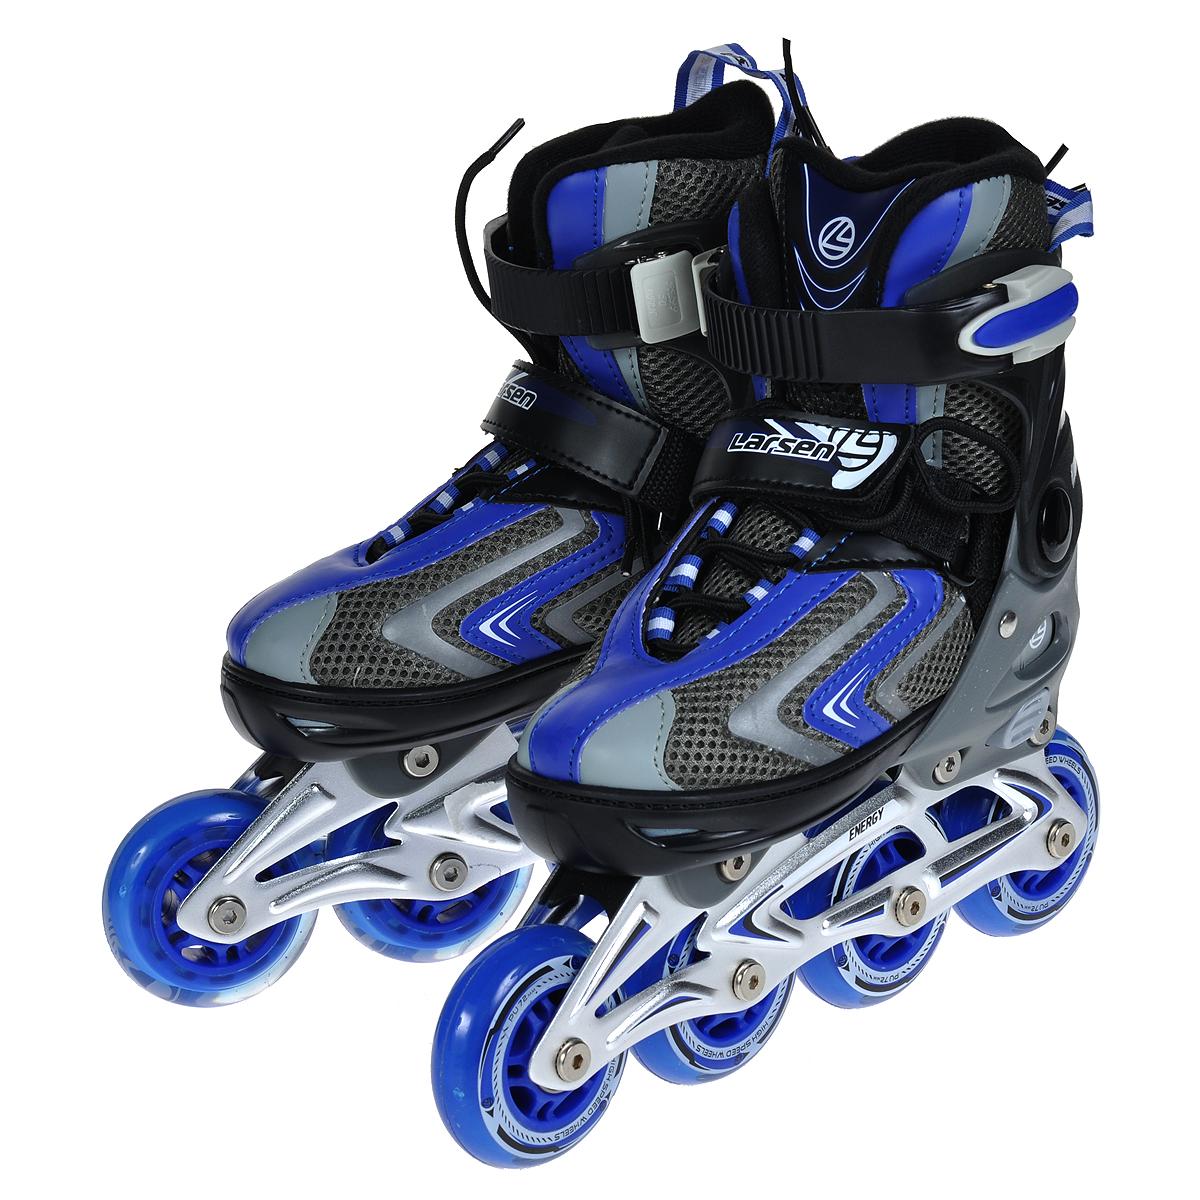 Коньки роликовые Larsen Energy, раздвижные, цвет: синий. Размер S (33/36)Energy BРаздвижные роликовые коньки Larsen Energy подарят чувство комфорта и уверенности во время движения. Особенностью роликов является раздвижная конструкция на 4 размера, которая разработана для того, чтобы не было необходимости покупать новые ролики каждый сезон. Ролики имеют ботинок с удобными застежками, защищающий ногу от травм, оснащены пяточным тормозом.Рама выполнена из прочного алюминия, а колеса - из полиуретана с подшипниками ABEC-5. Ролики - это модный и полезный вид активного отдыха на свежем воздухе. Катание на роликах является одним из популярных развлечений среди молодежи и детей.